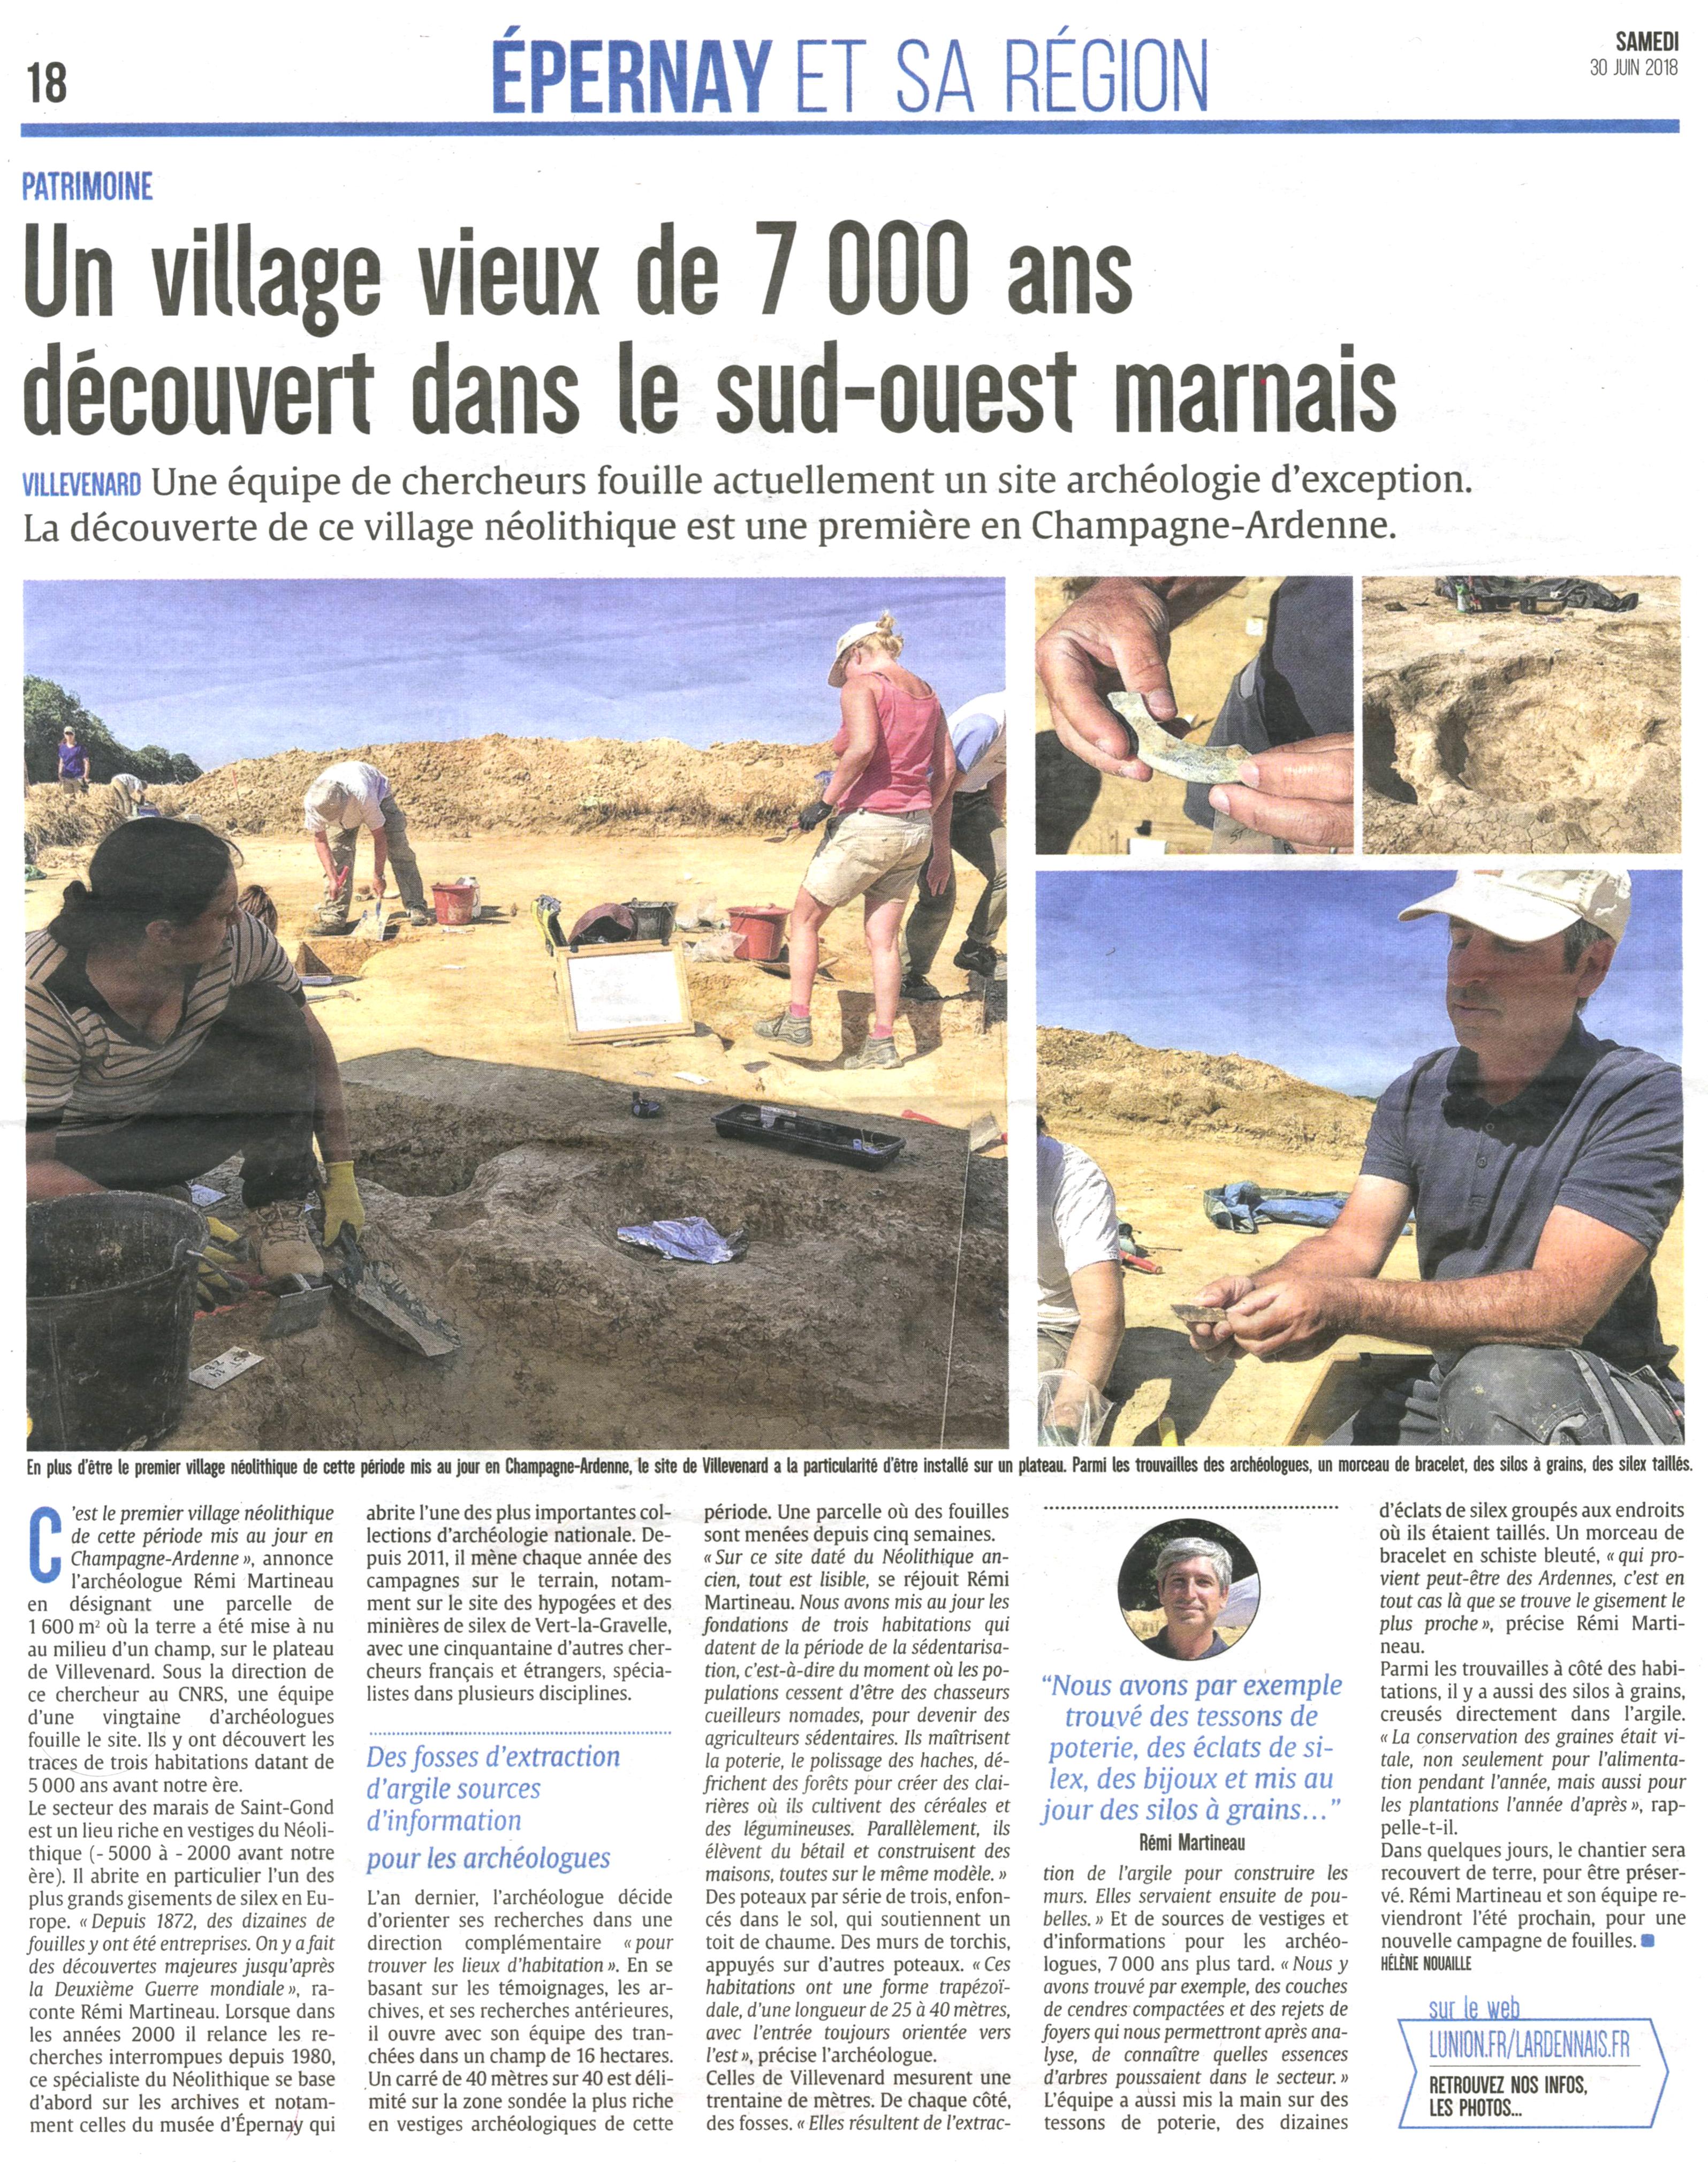 """L'Union du 30 juin 2018 sur un """"village vieux de 7000 ans découvert dans le sud-ouest marnais"""""""